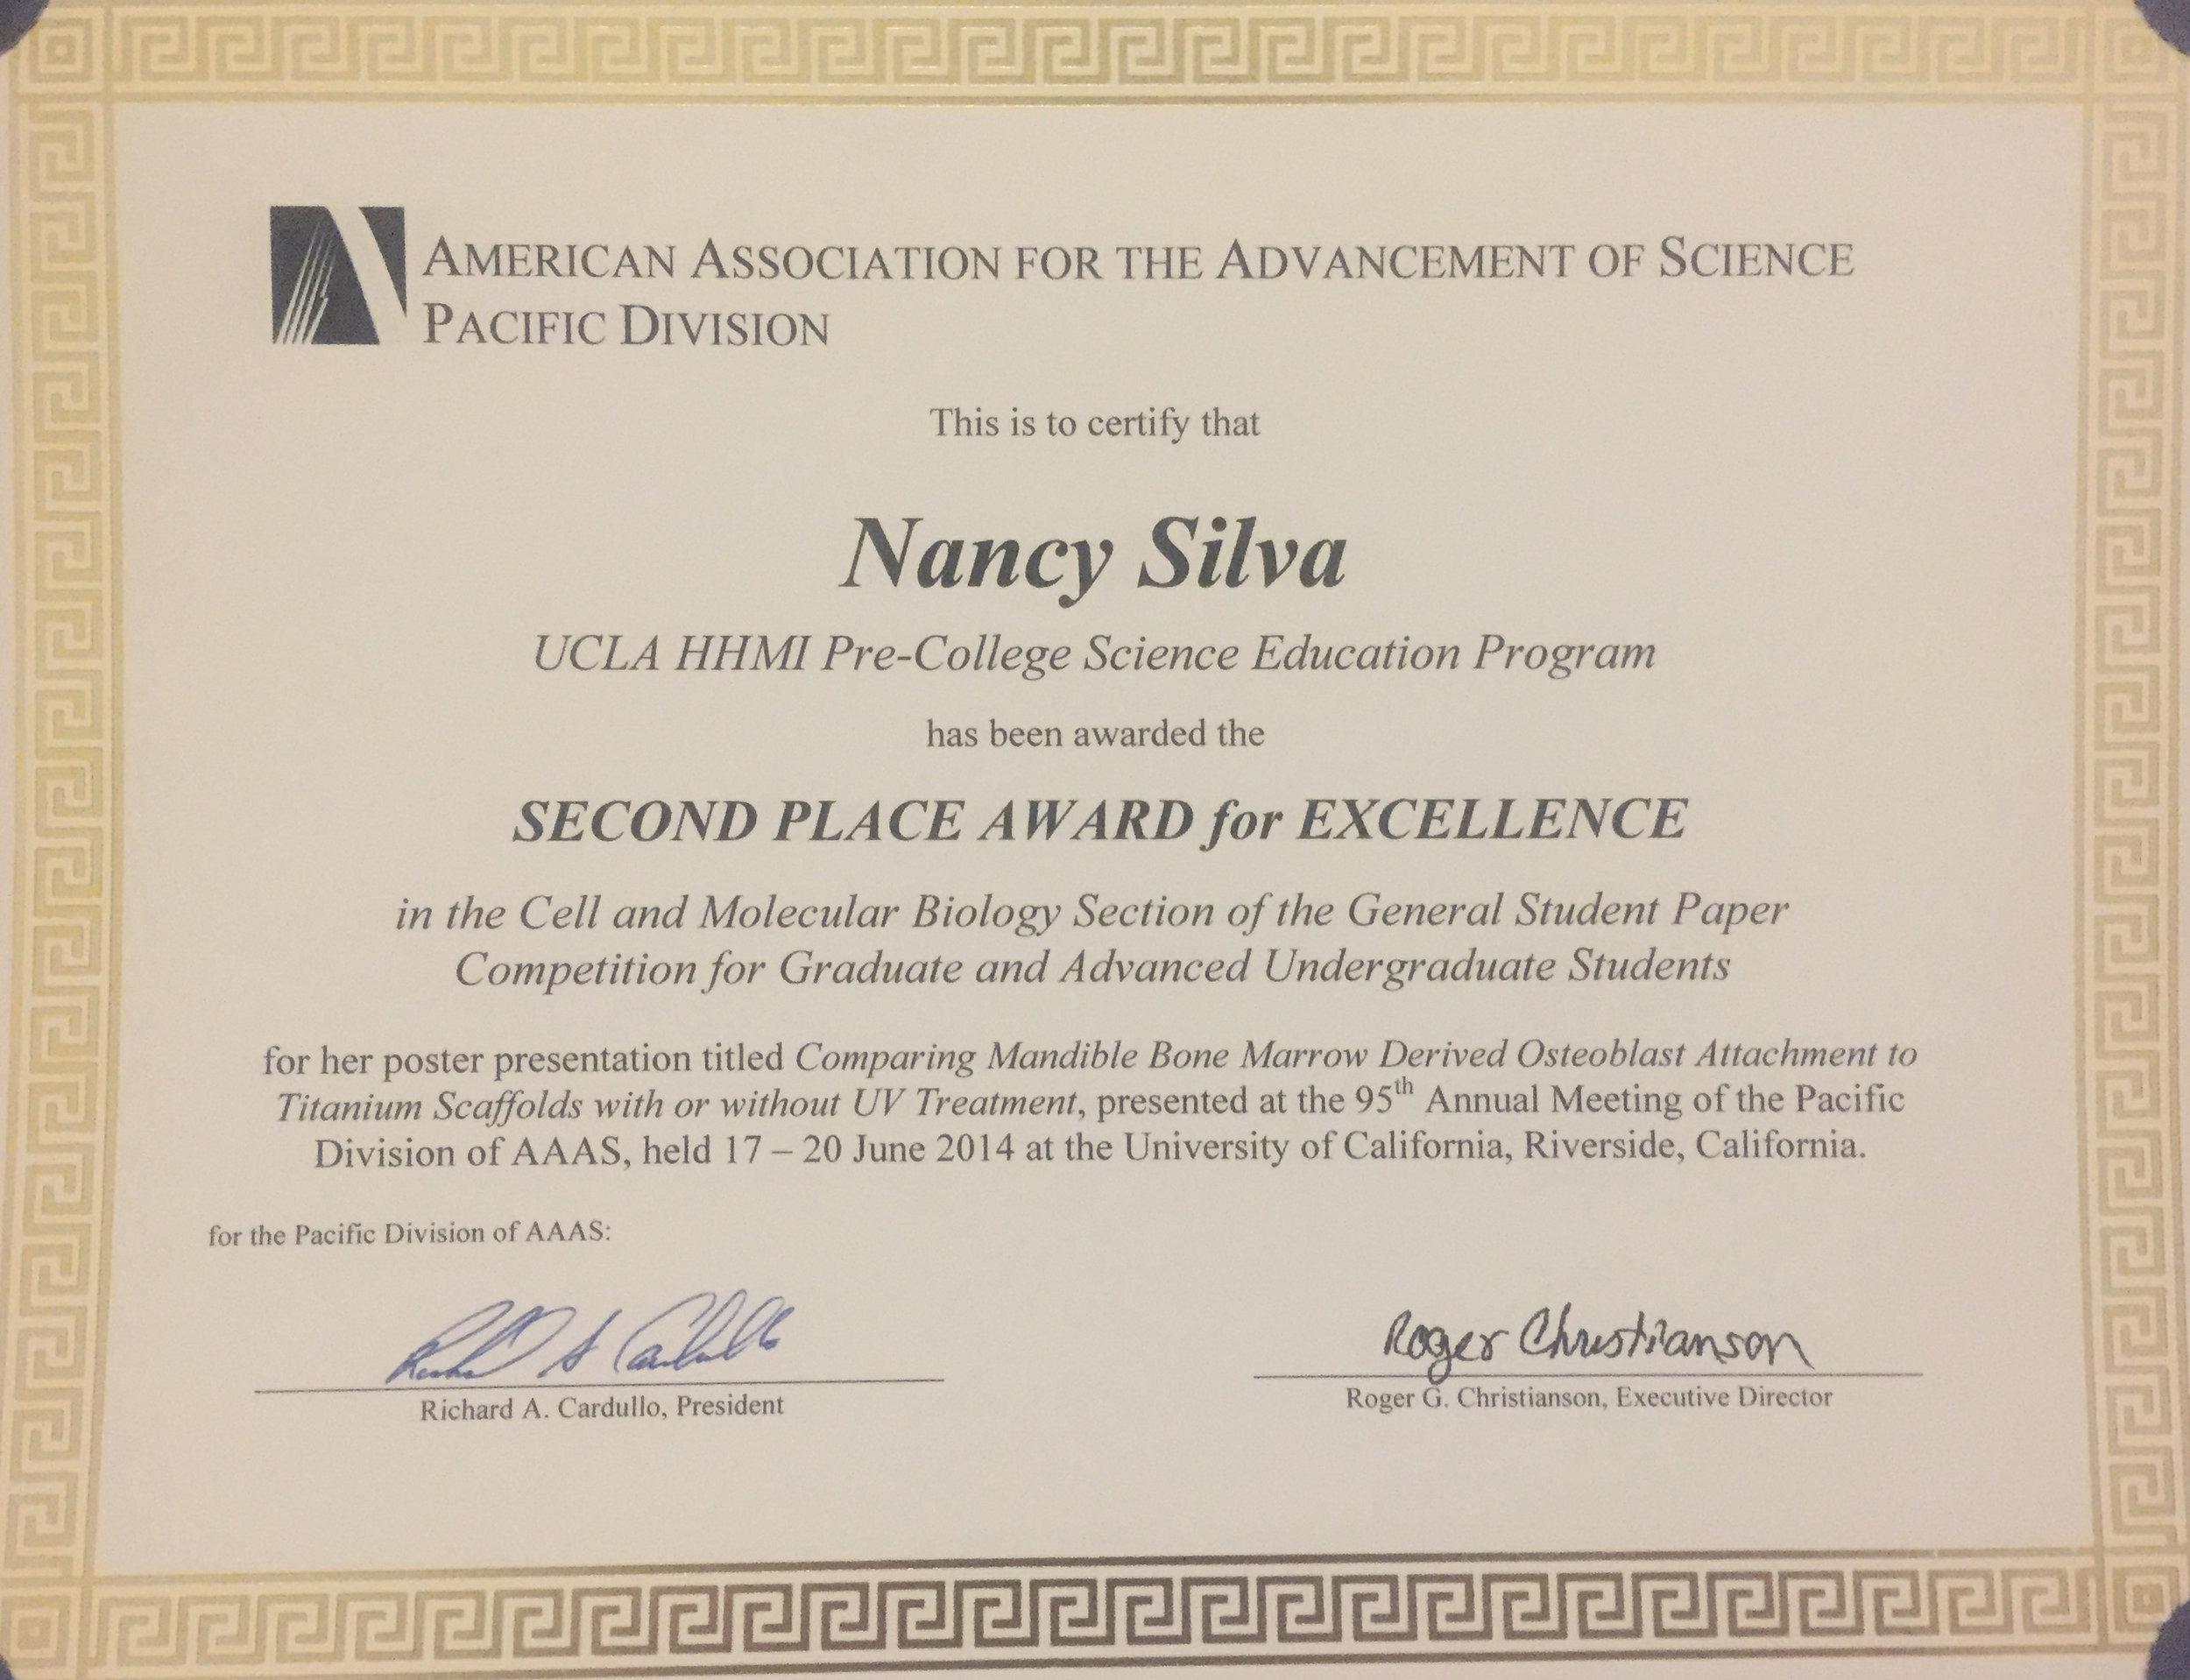 AAAS Certificate1.jpg